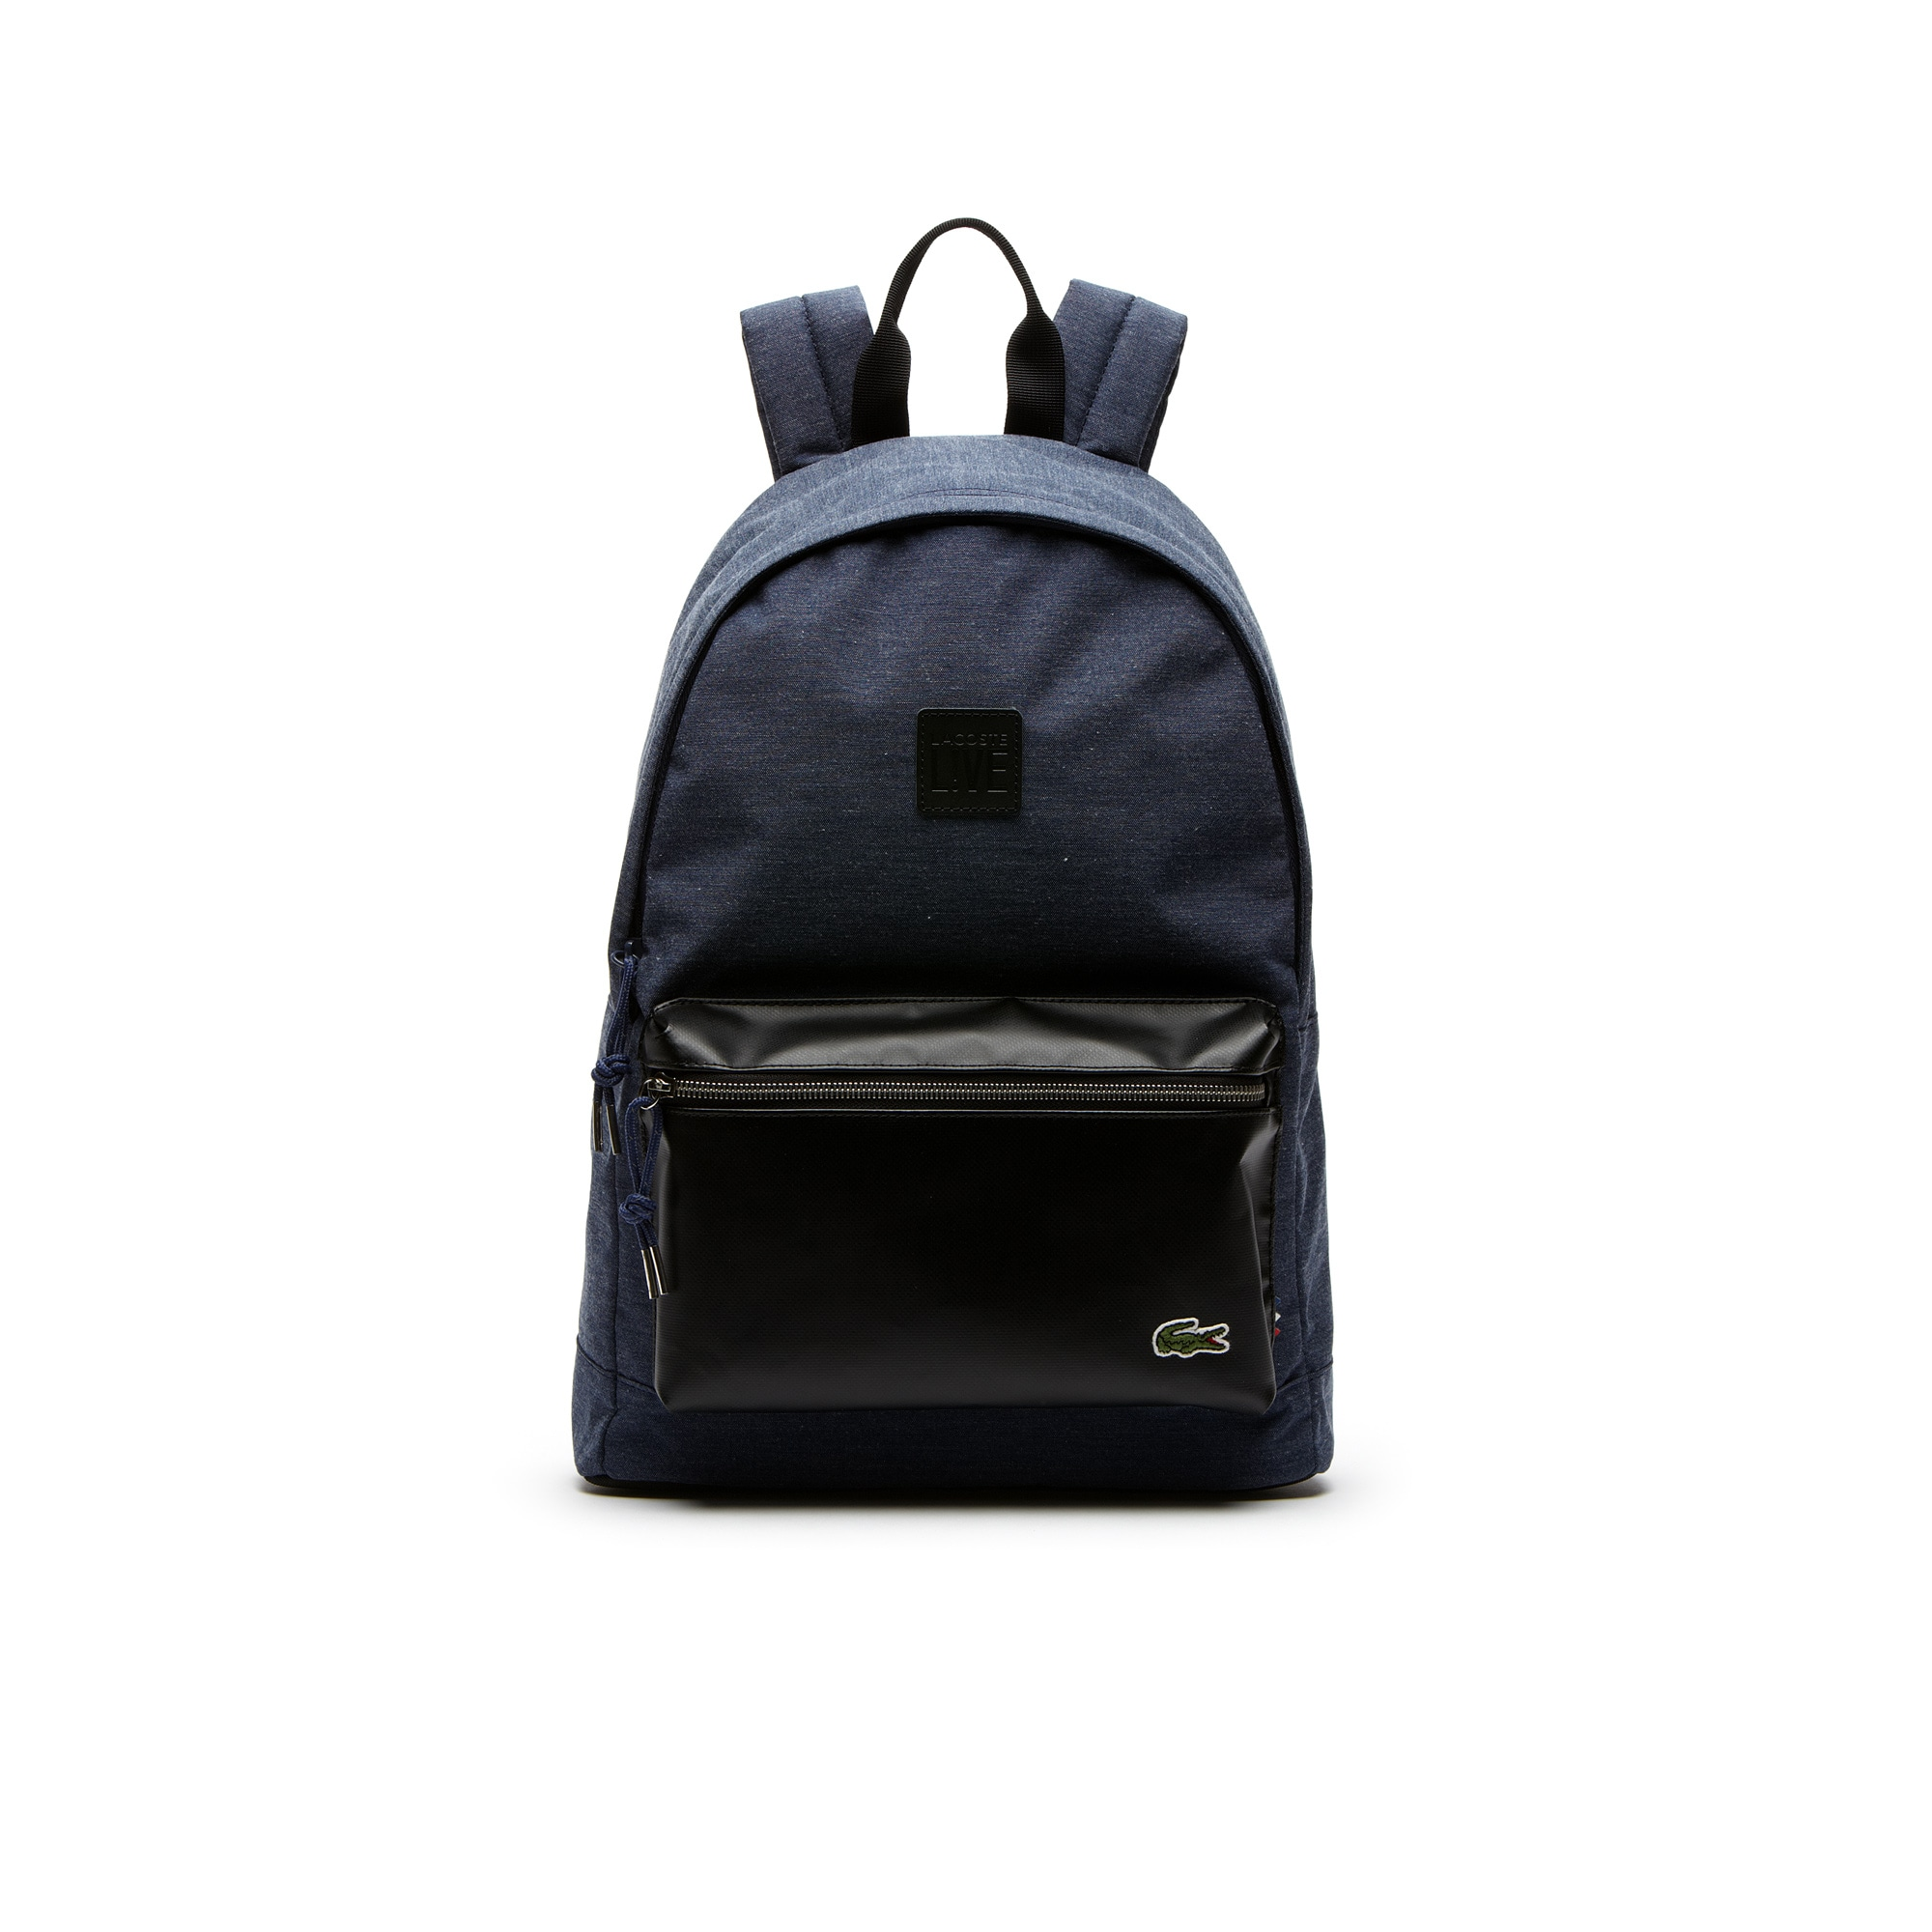 BackL!VE-Rucksack im Colorblock-Design